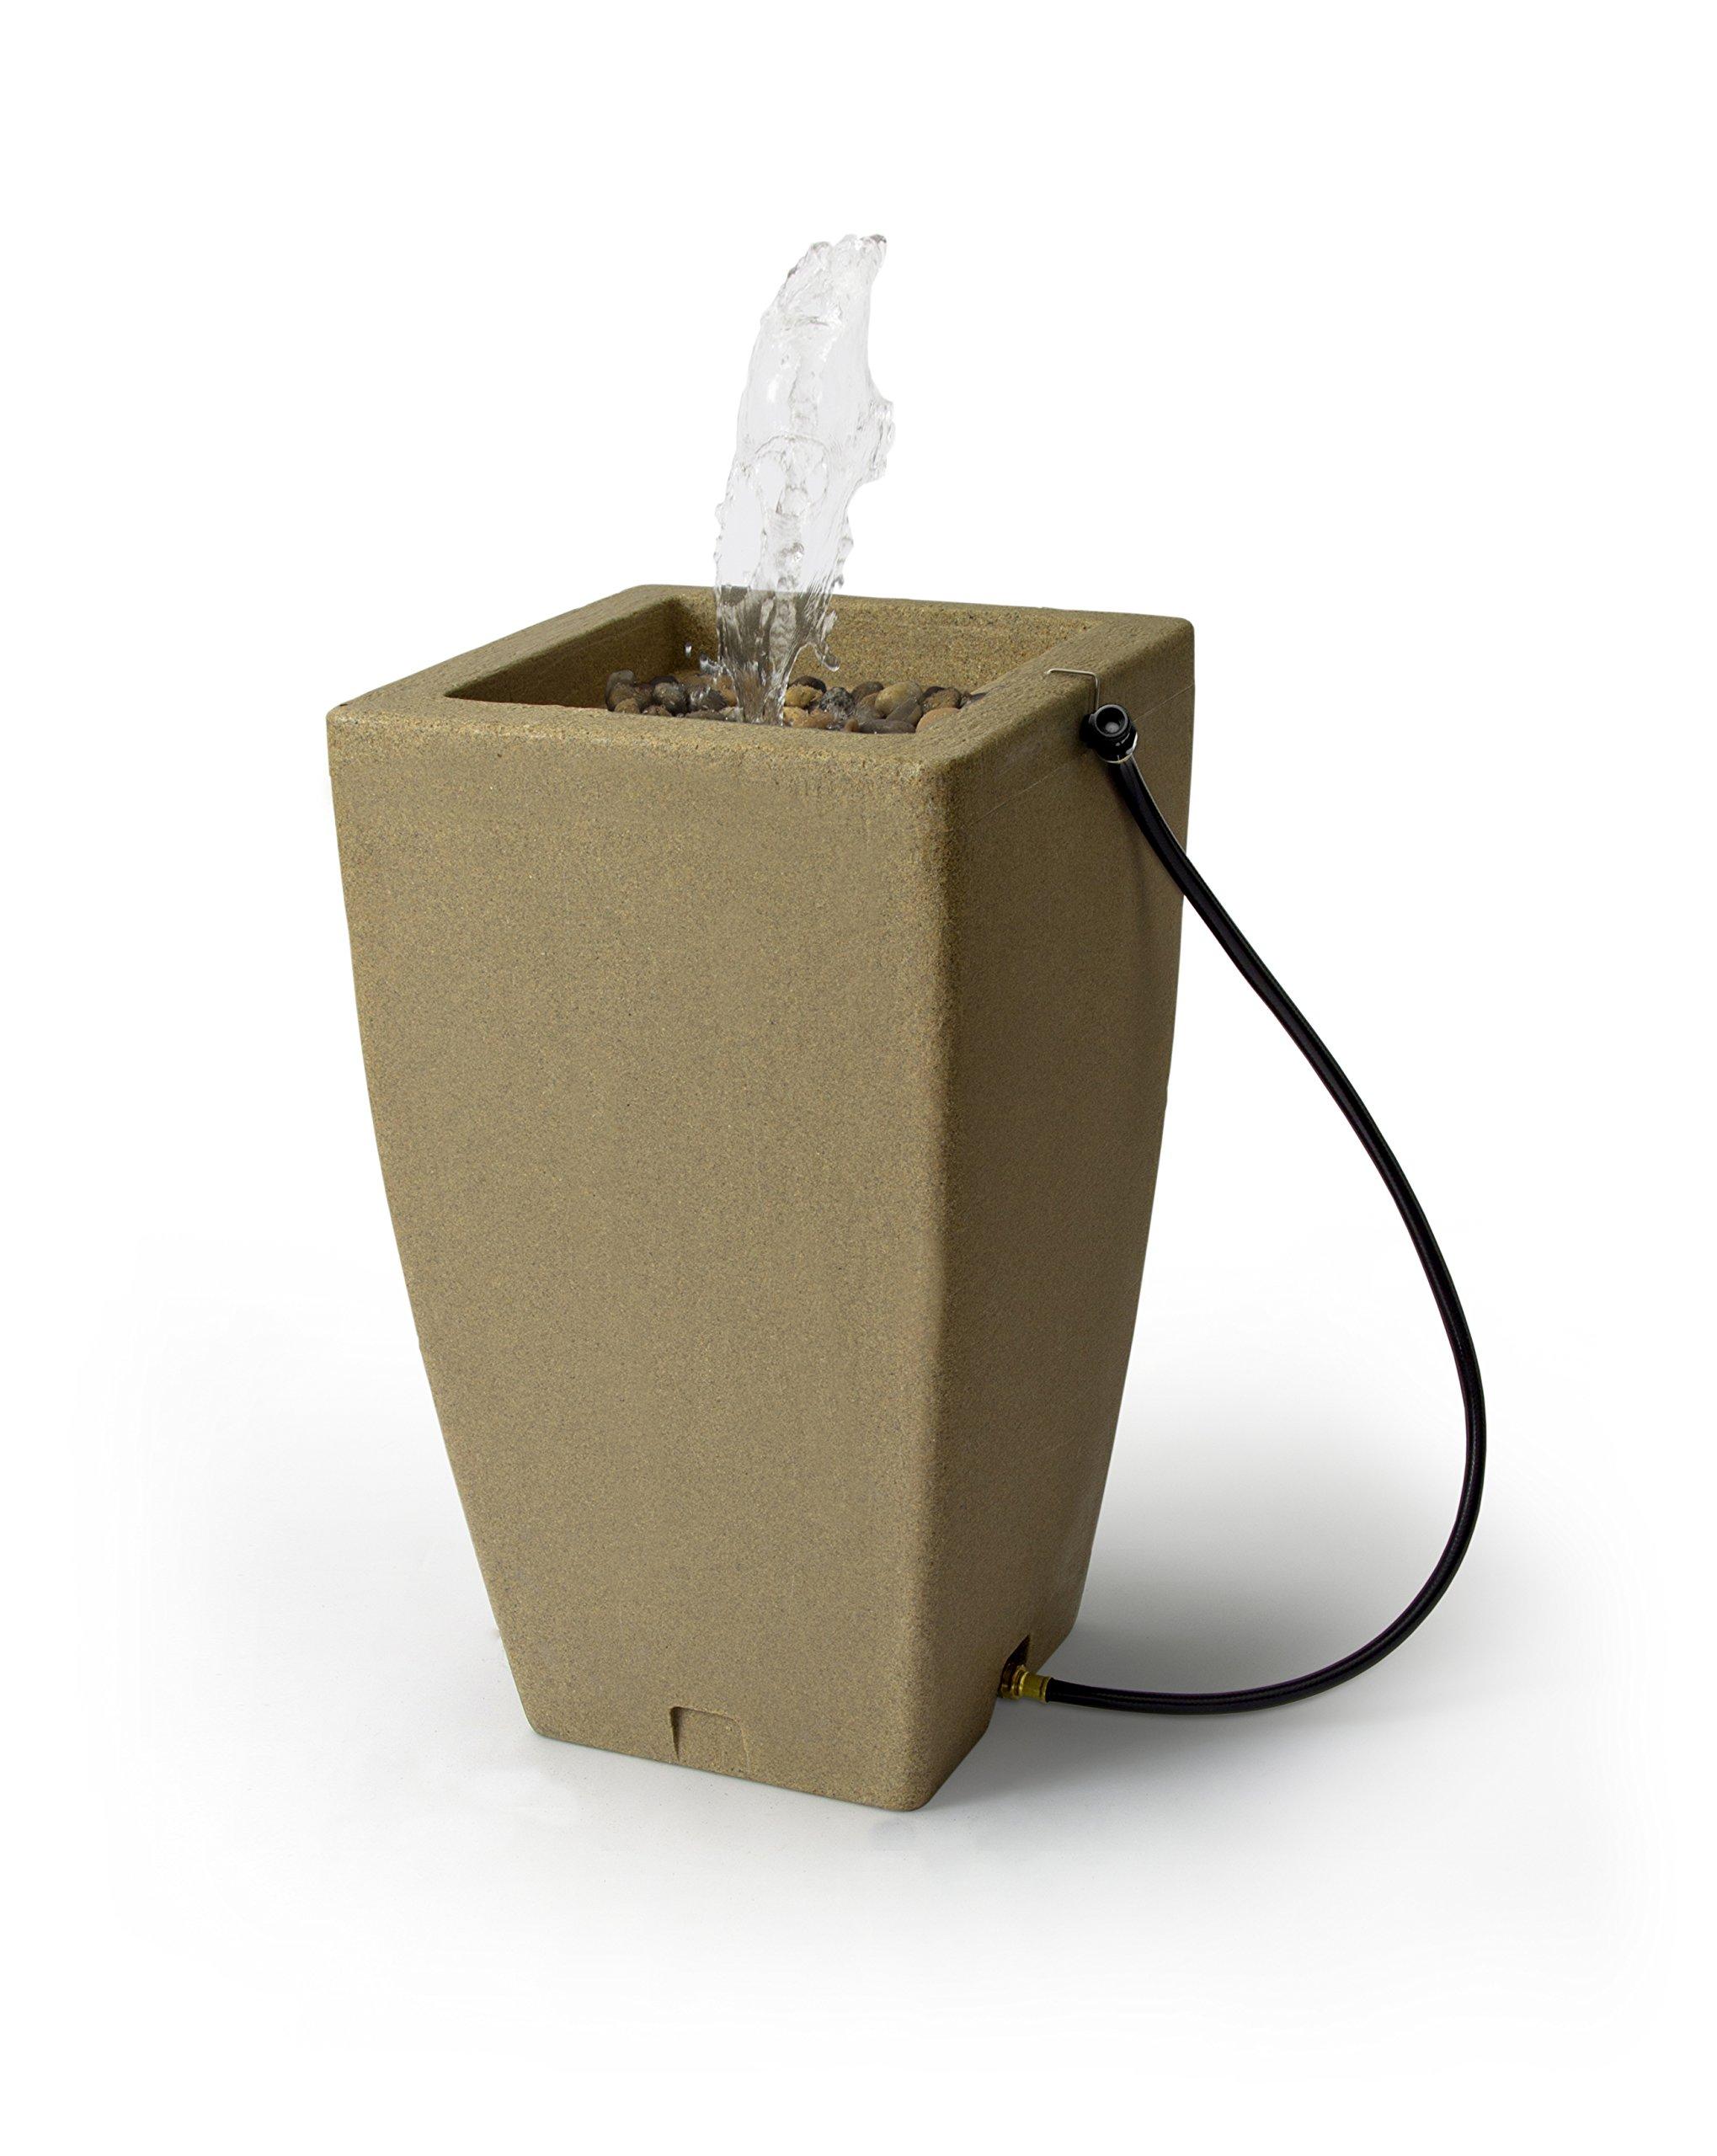 Algreen Products Madison Rain Barrel Fountain 49-Gallon, Sandstone by Algreen